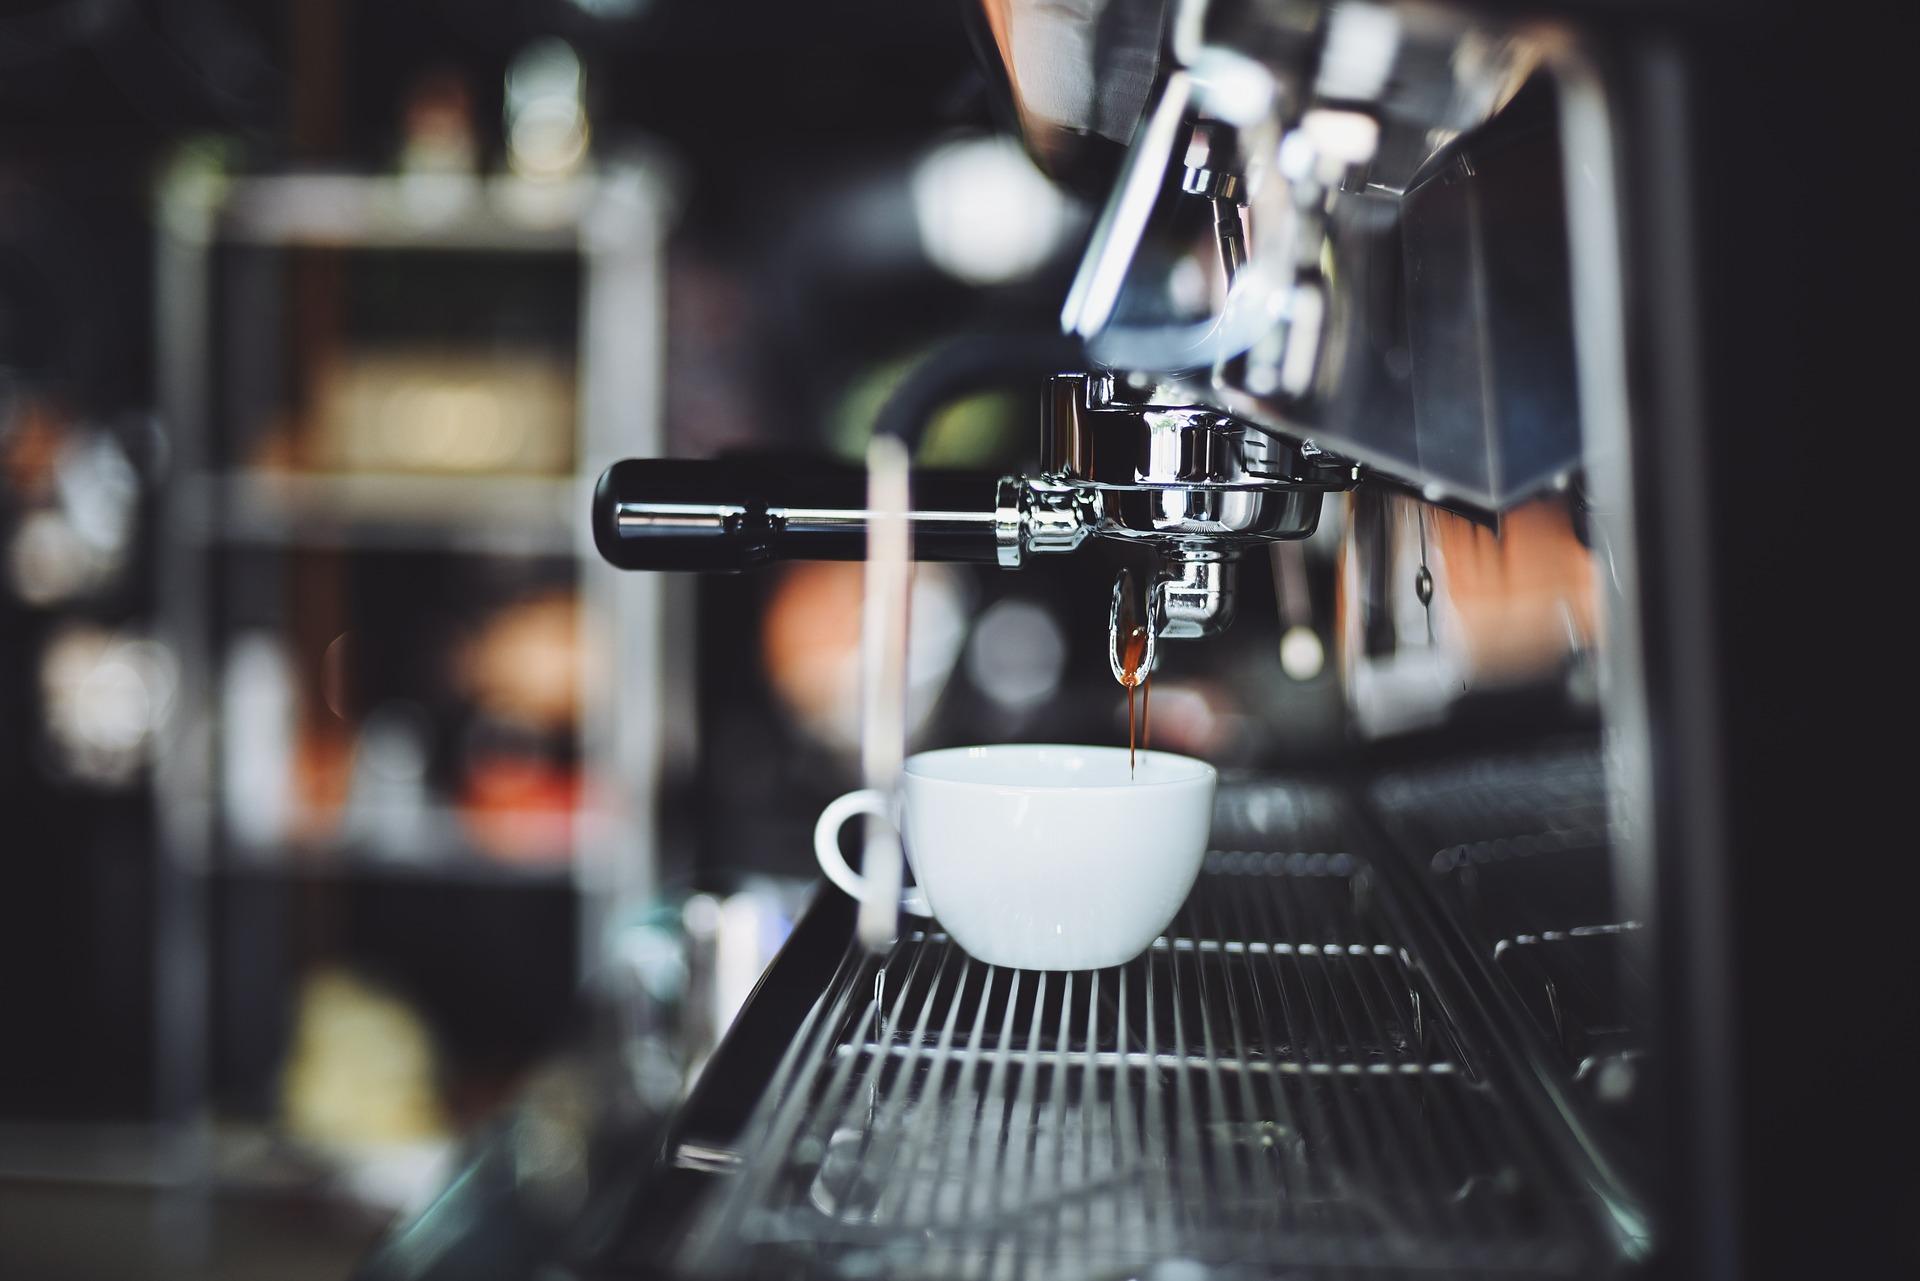 Auf einer Kaffeemaschine steht eine weiße Tasse.